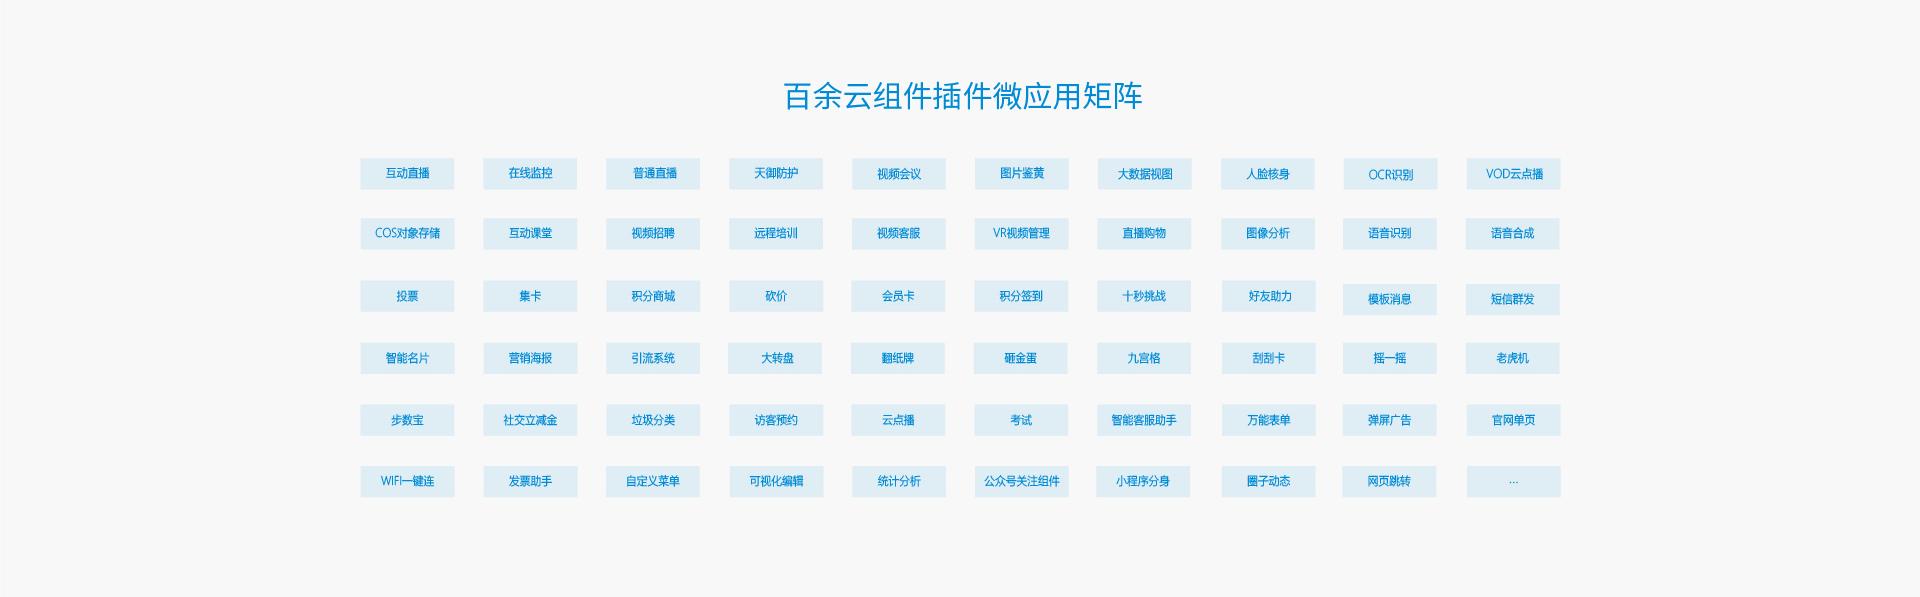 公司官网图0924_画板-1_18.jpg